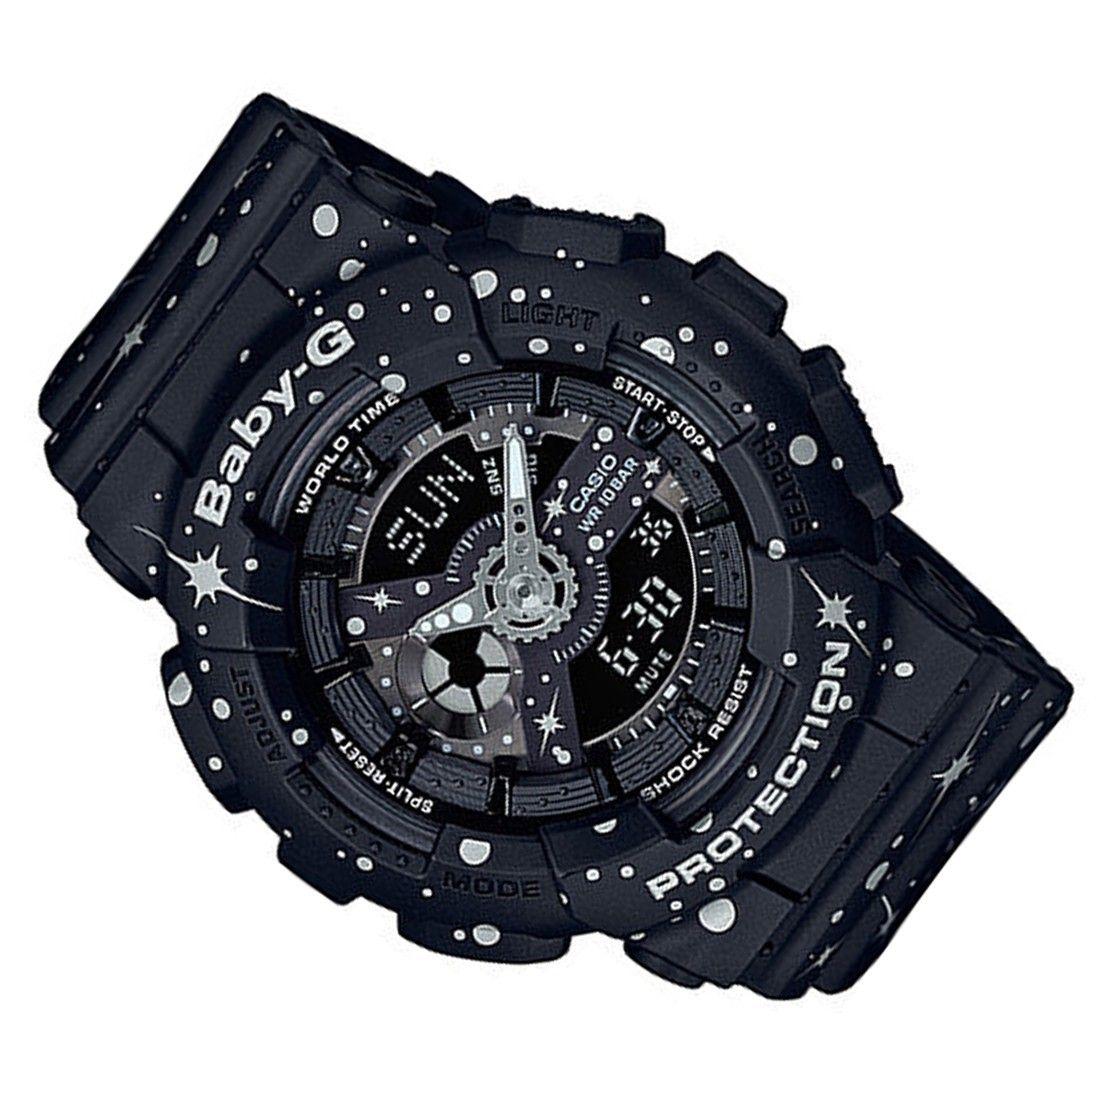 Ba 110st 1adr 1a Casio Baby G Digital Analog Watch Bga 185fs 7a